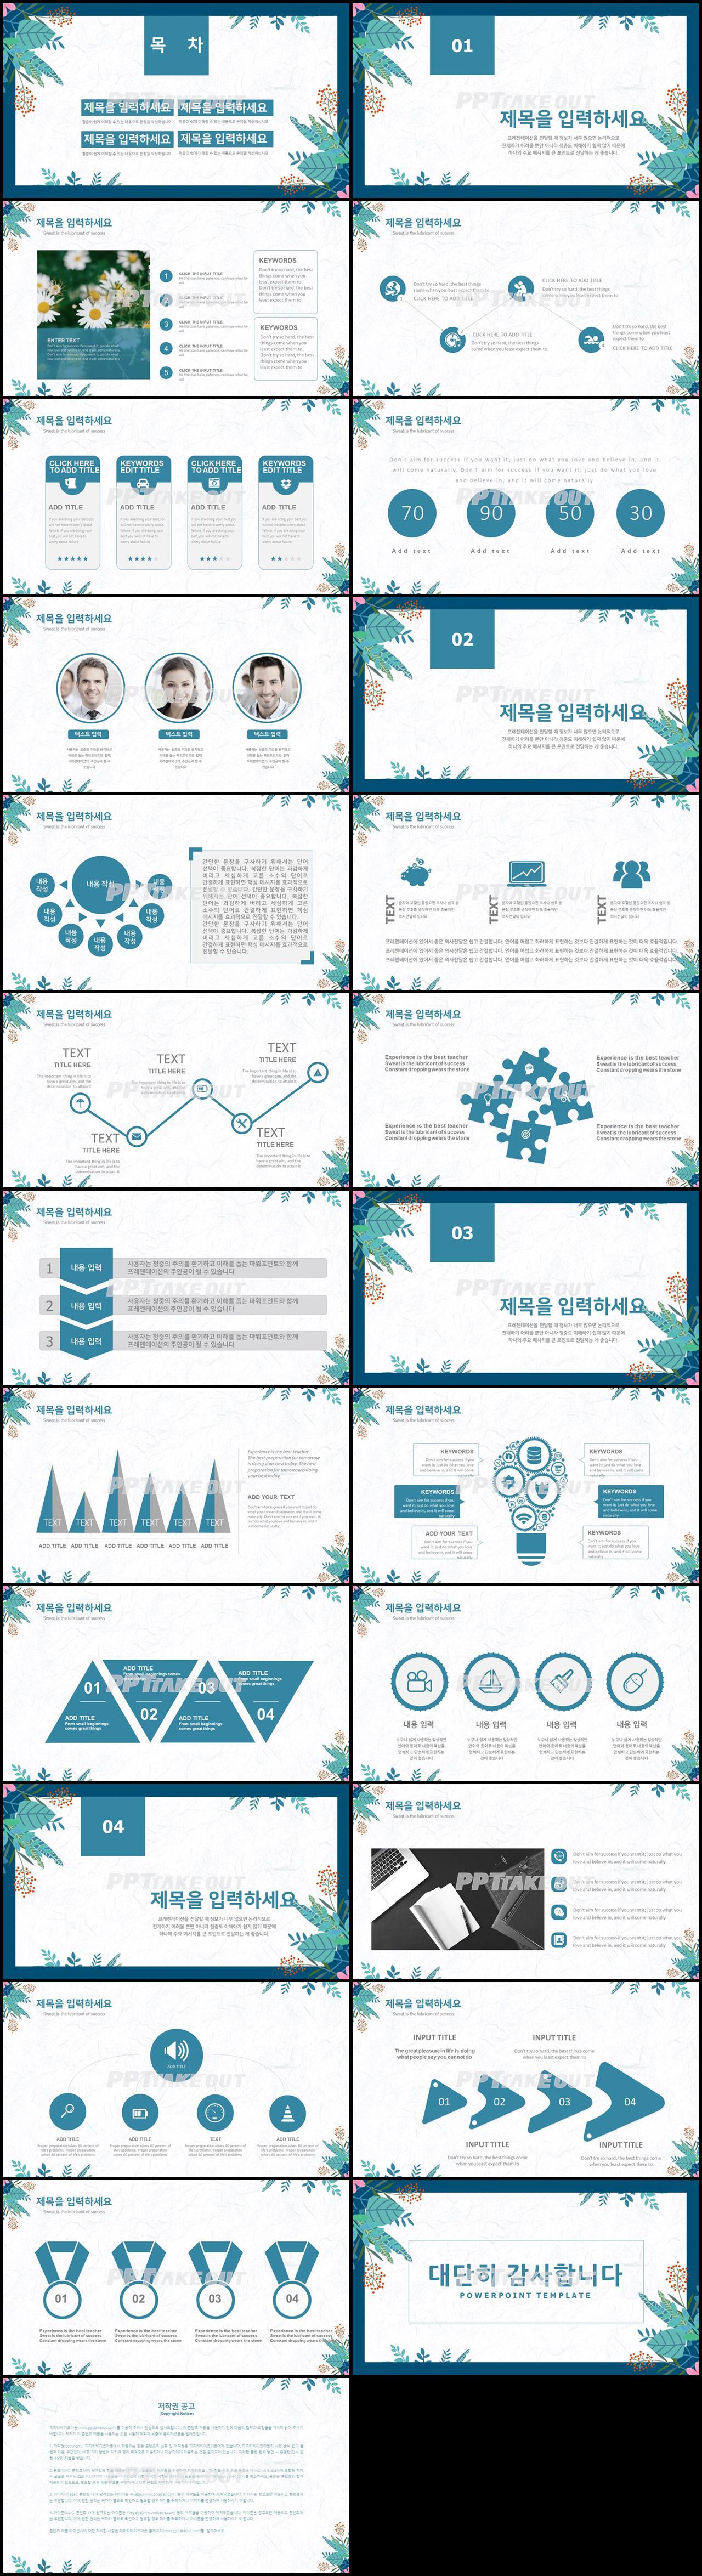 꽃과 동식물 주제 푸른색 자재화 발표용 파워포인트템플릿 다운 상세보기